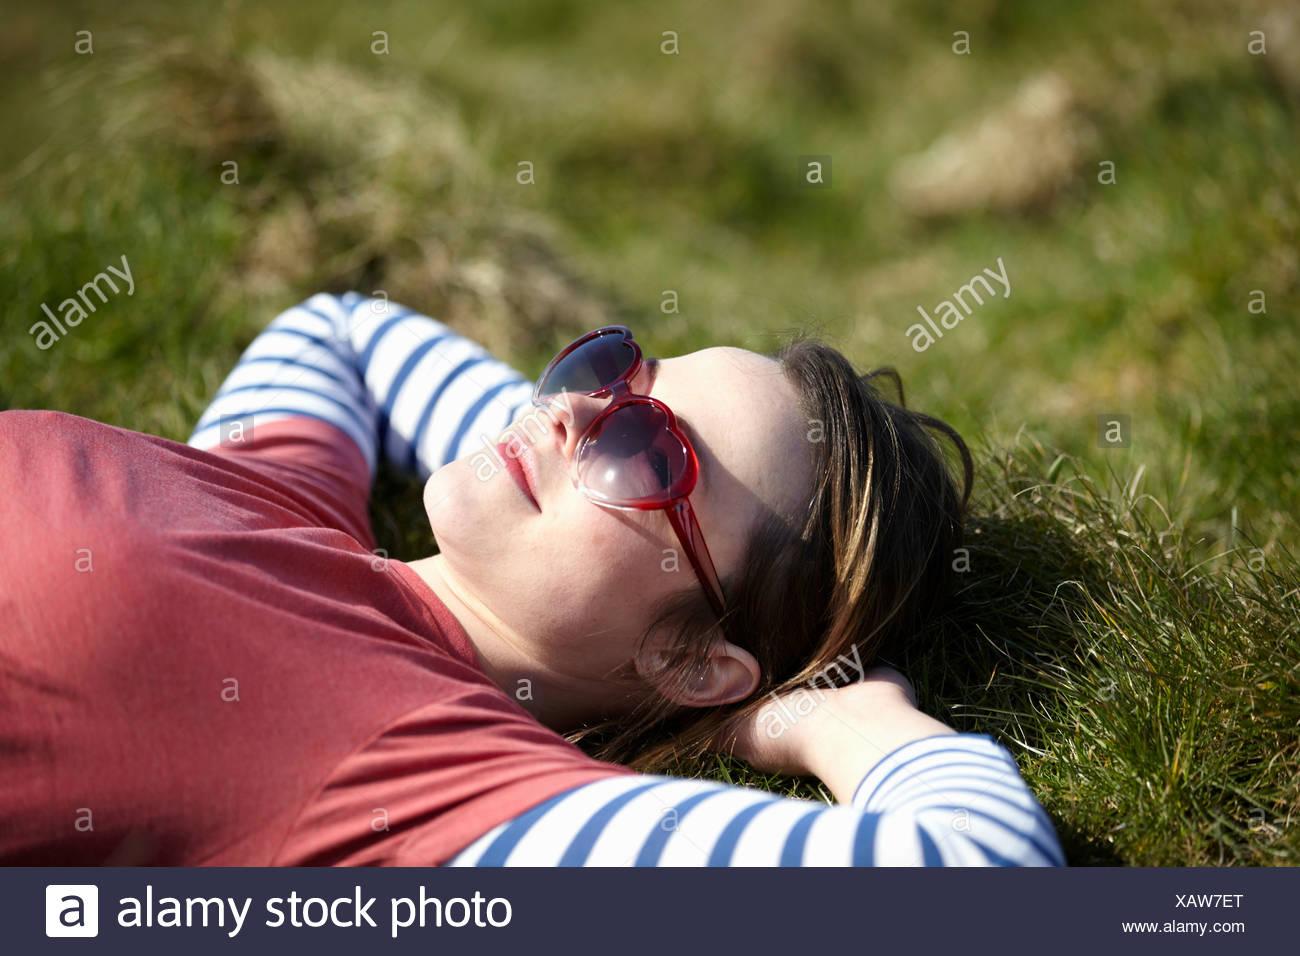 Junge Frau mit Herz Form Sonnenbrille liegen auf dem Rasen Stockbild